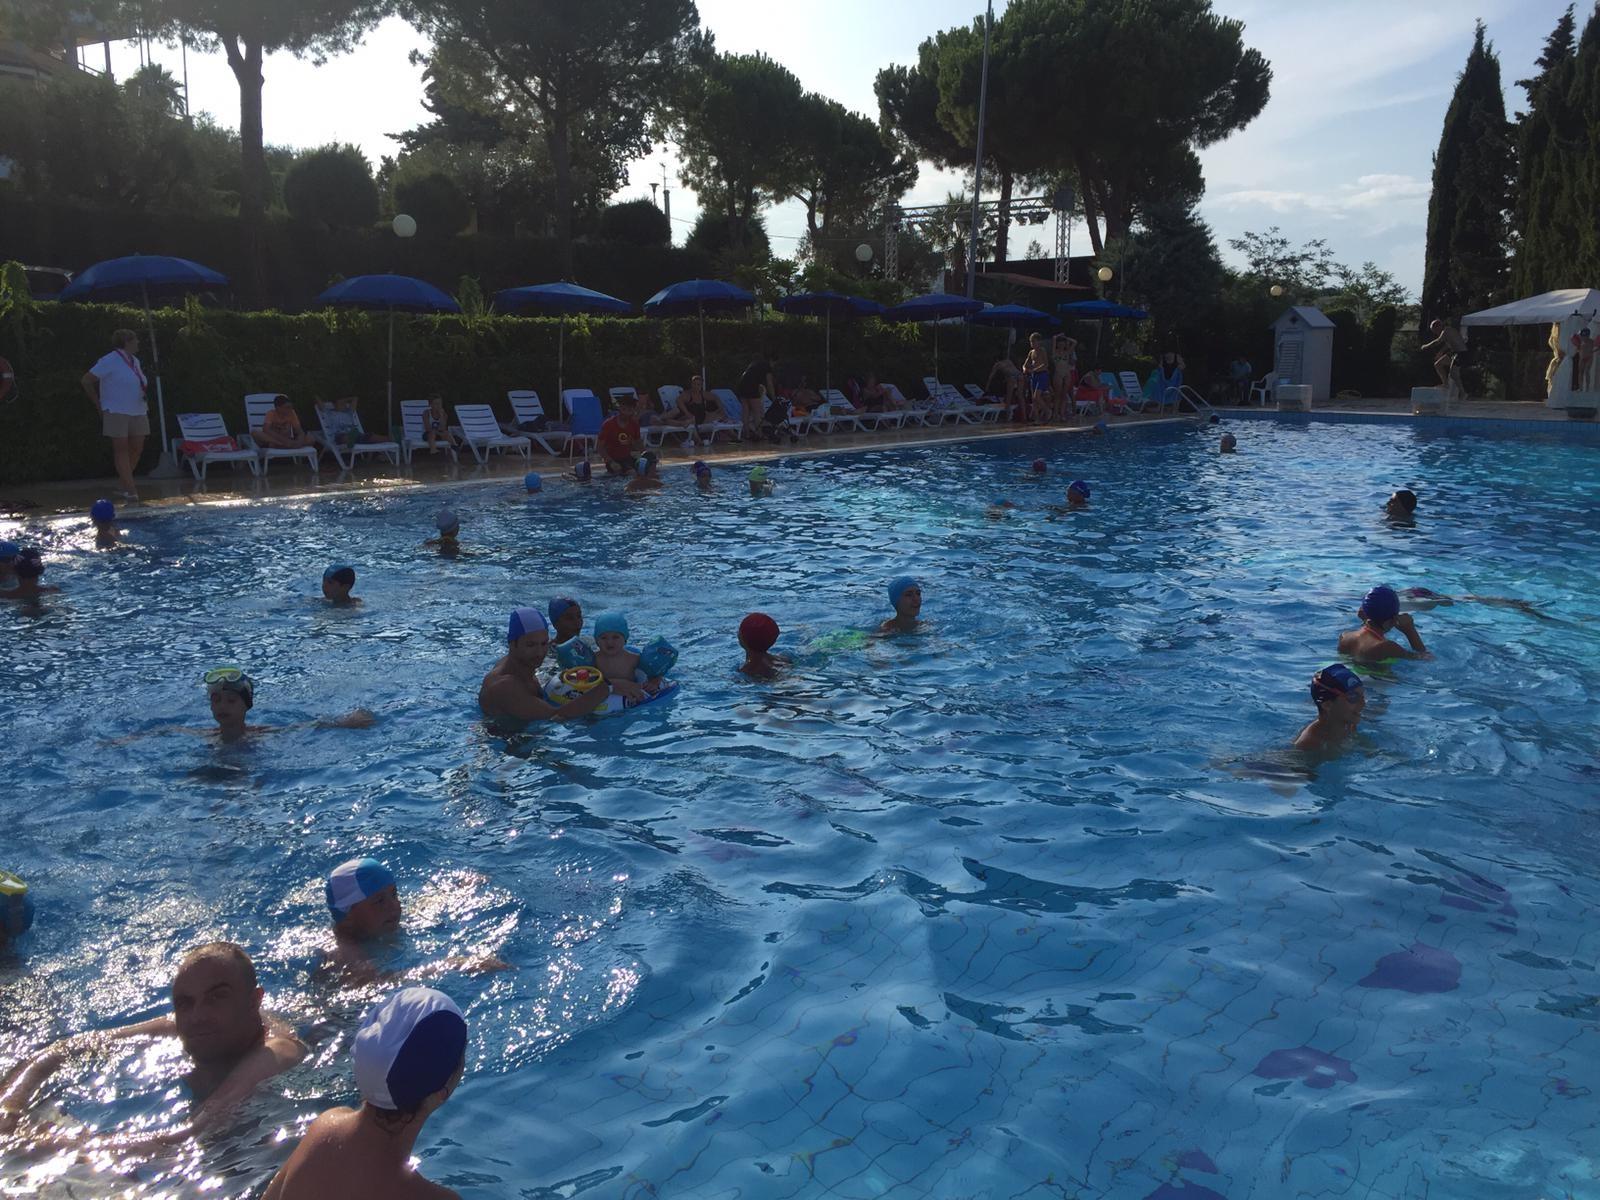 Giorno 13 - Turno 2 2019 Archivi --ITALIA-FOTO-EUROPEGARDEN-EMOZIONIINBARCAAVELA-SECONDOTURNO-GIORNO1310